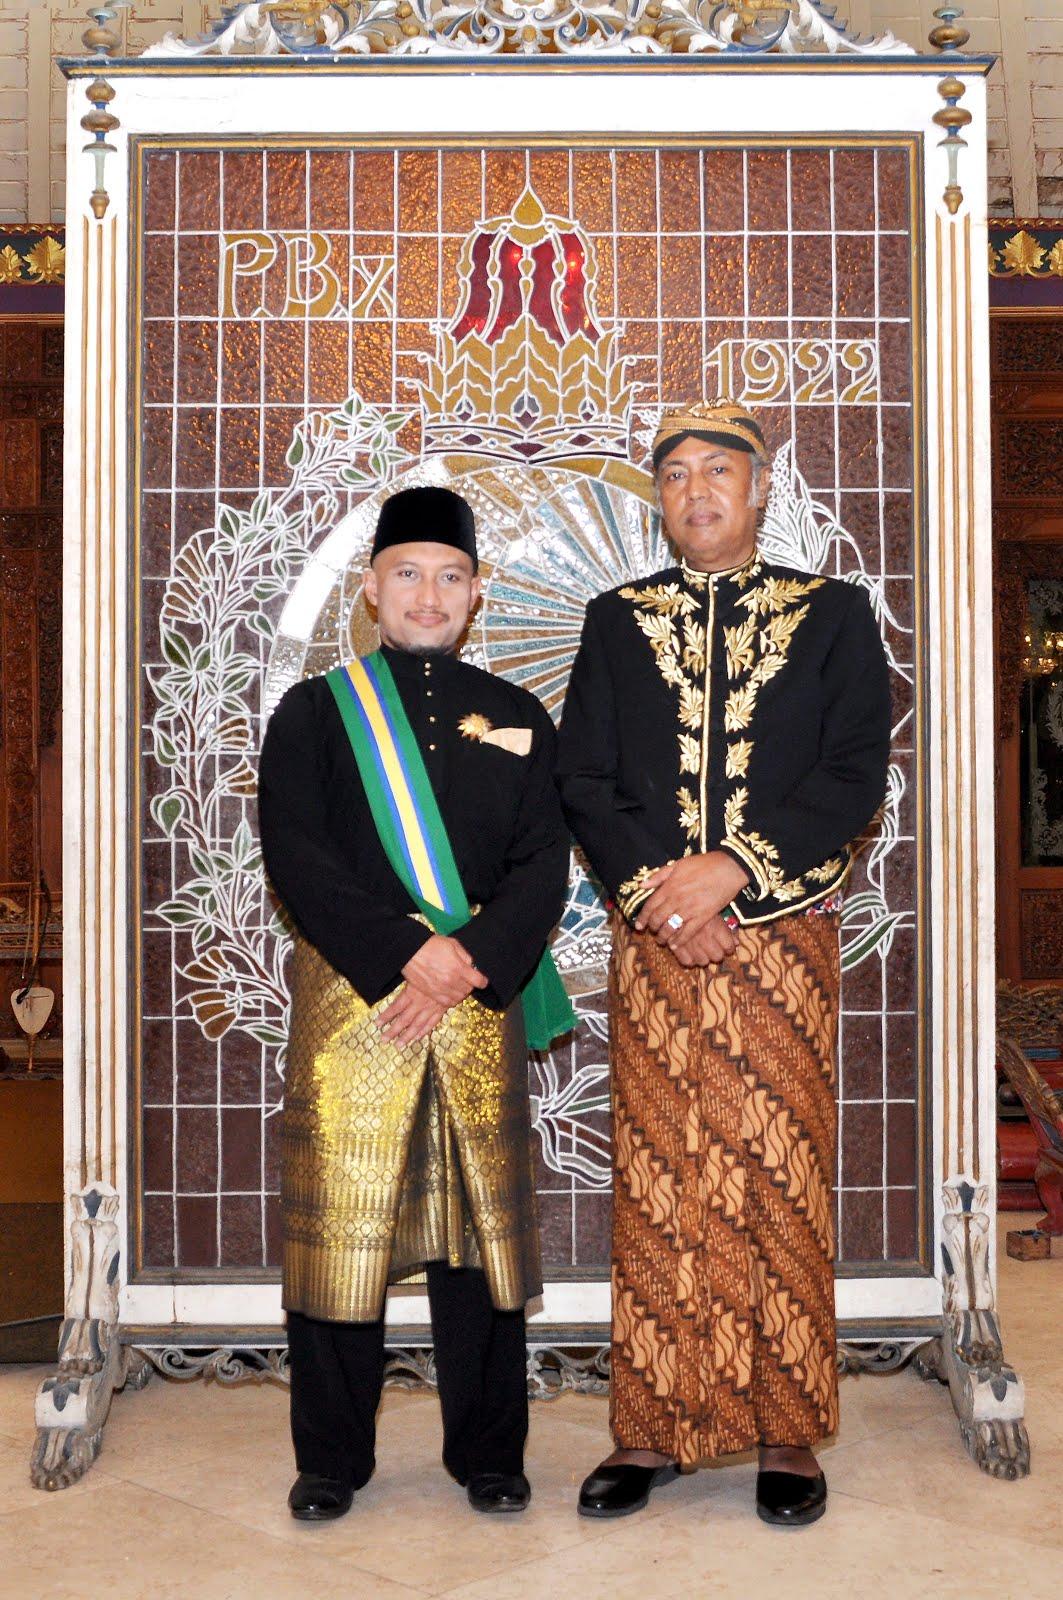 Bersama Kangjeng Gusti Pangeran Harya Puger